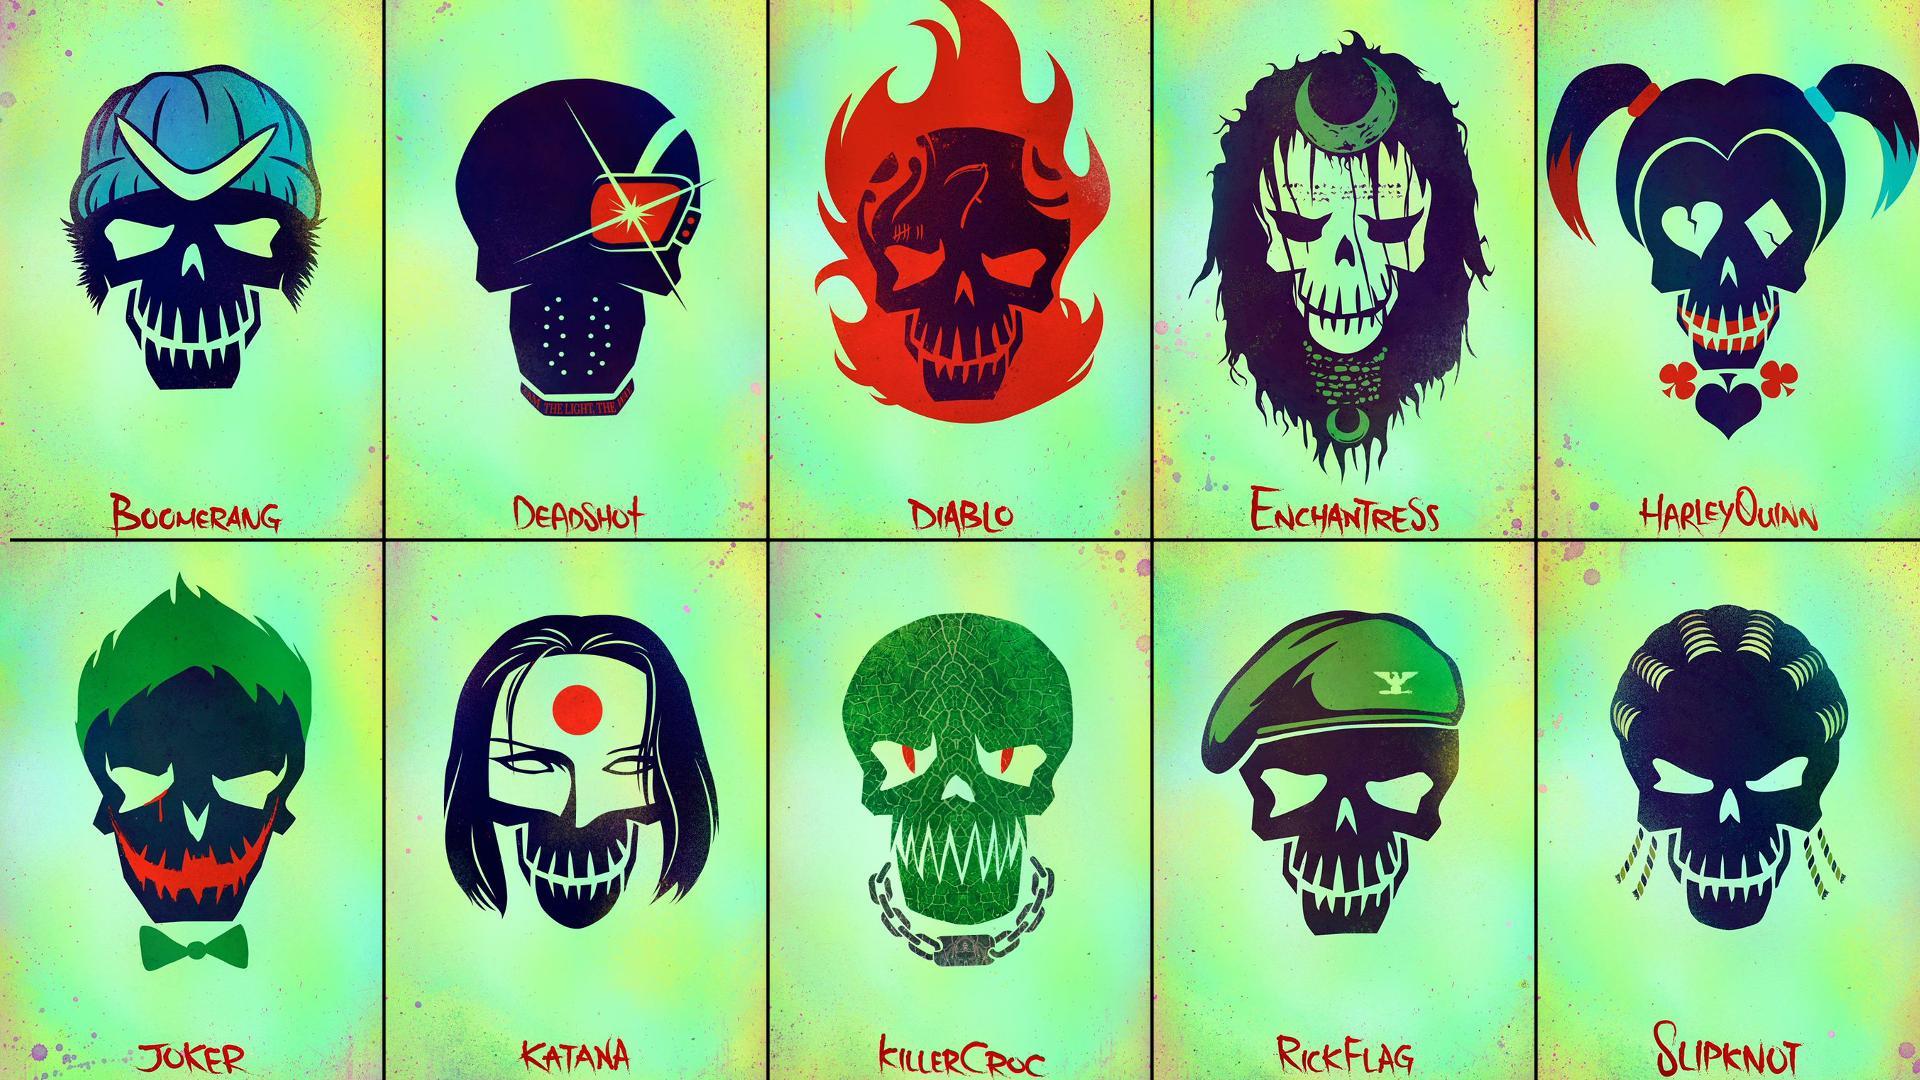 Squad enchantress hot suicide Suicide Squad